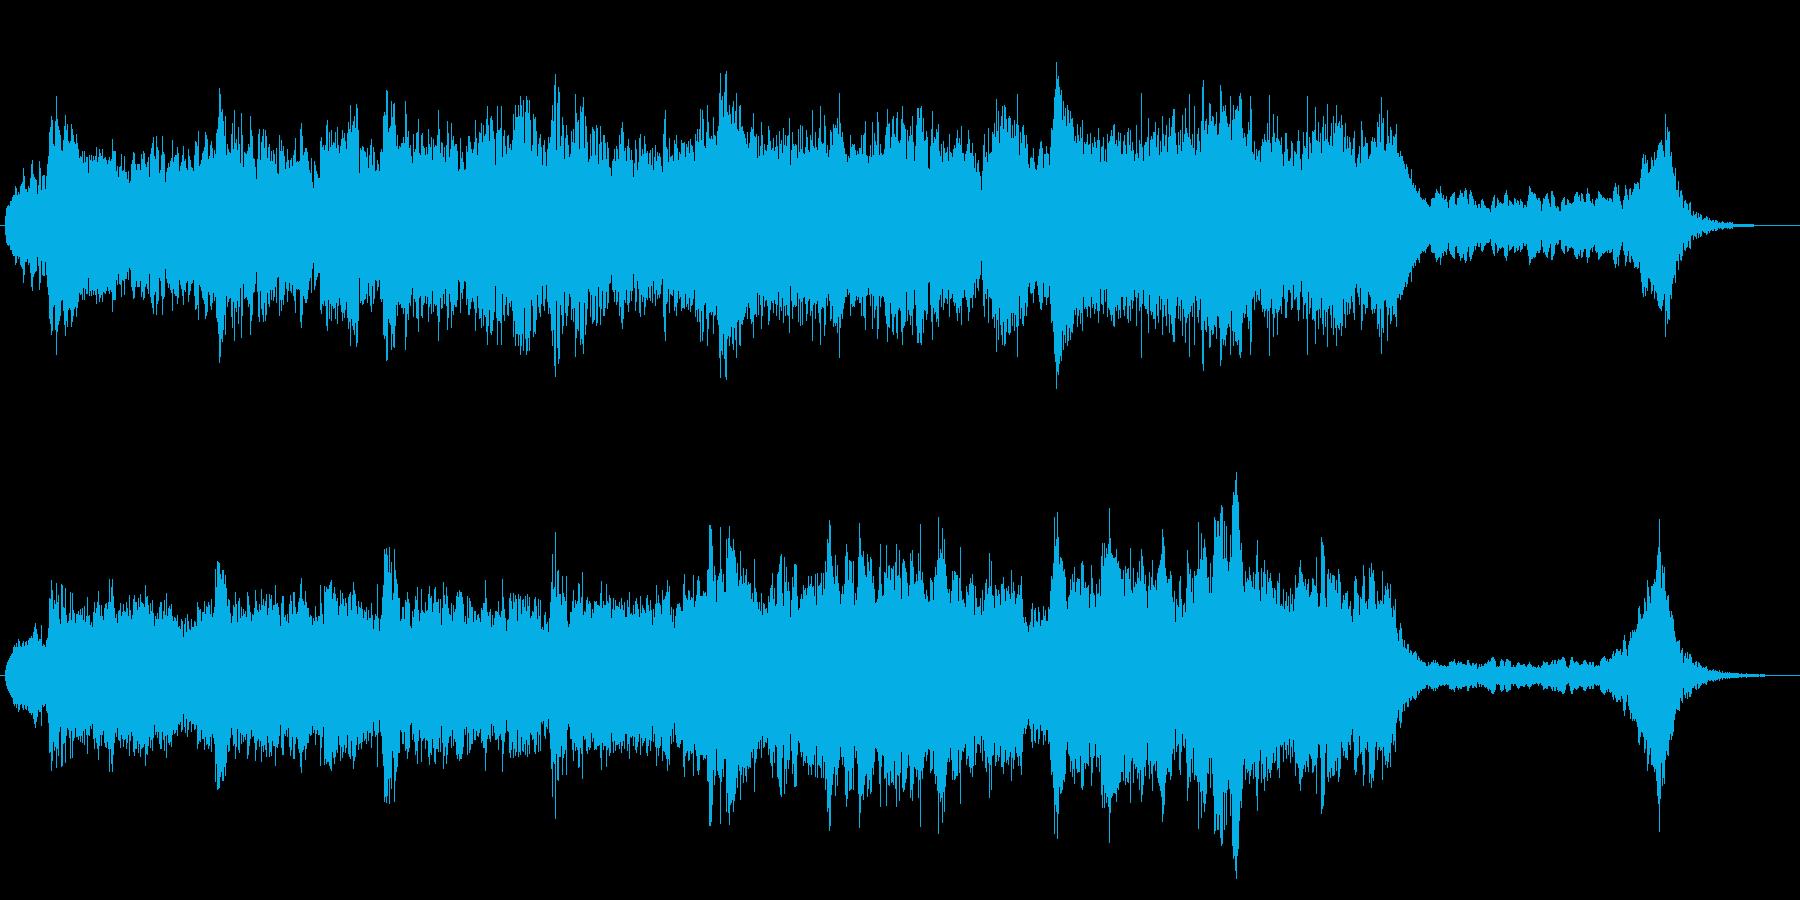 ドキュメンタリー番組風のエンディング曲の再生済みの波形